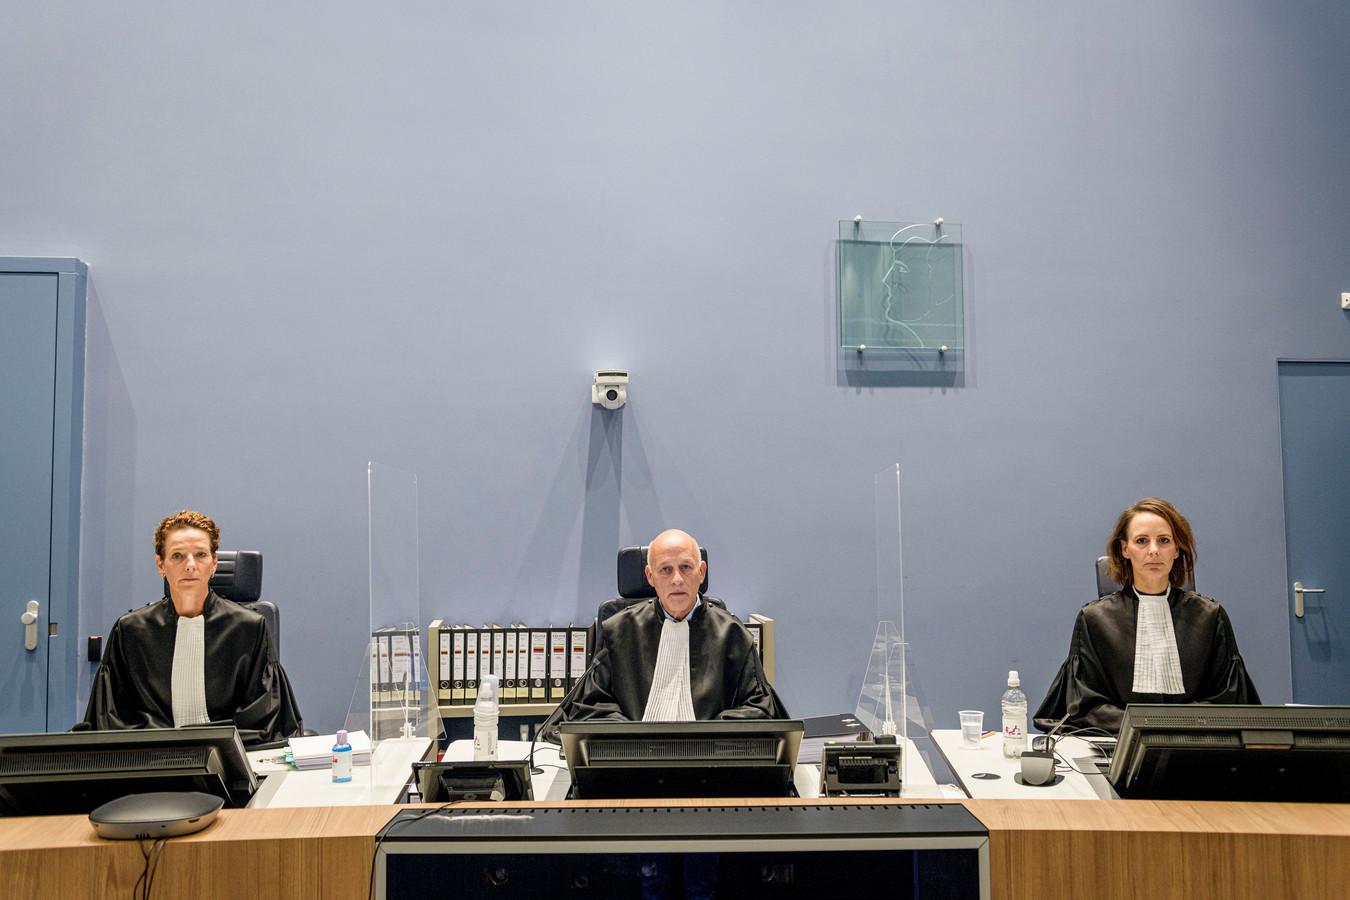 De rechters van de meervoudige strafkamer die de zaak van de 4-voudige moord in de Van Leeuwenhoekstraat. Vlnr: Mr. Koppes, vz mr. Hendriks en mr. Heijink.